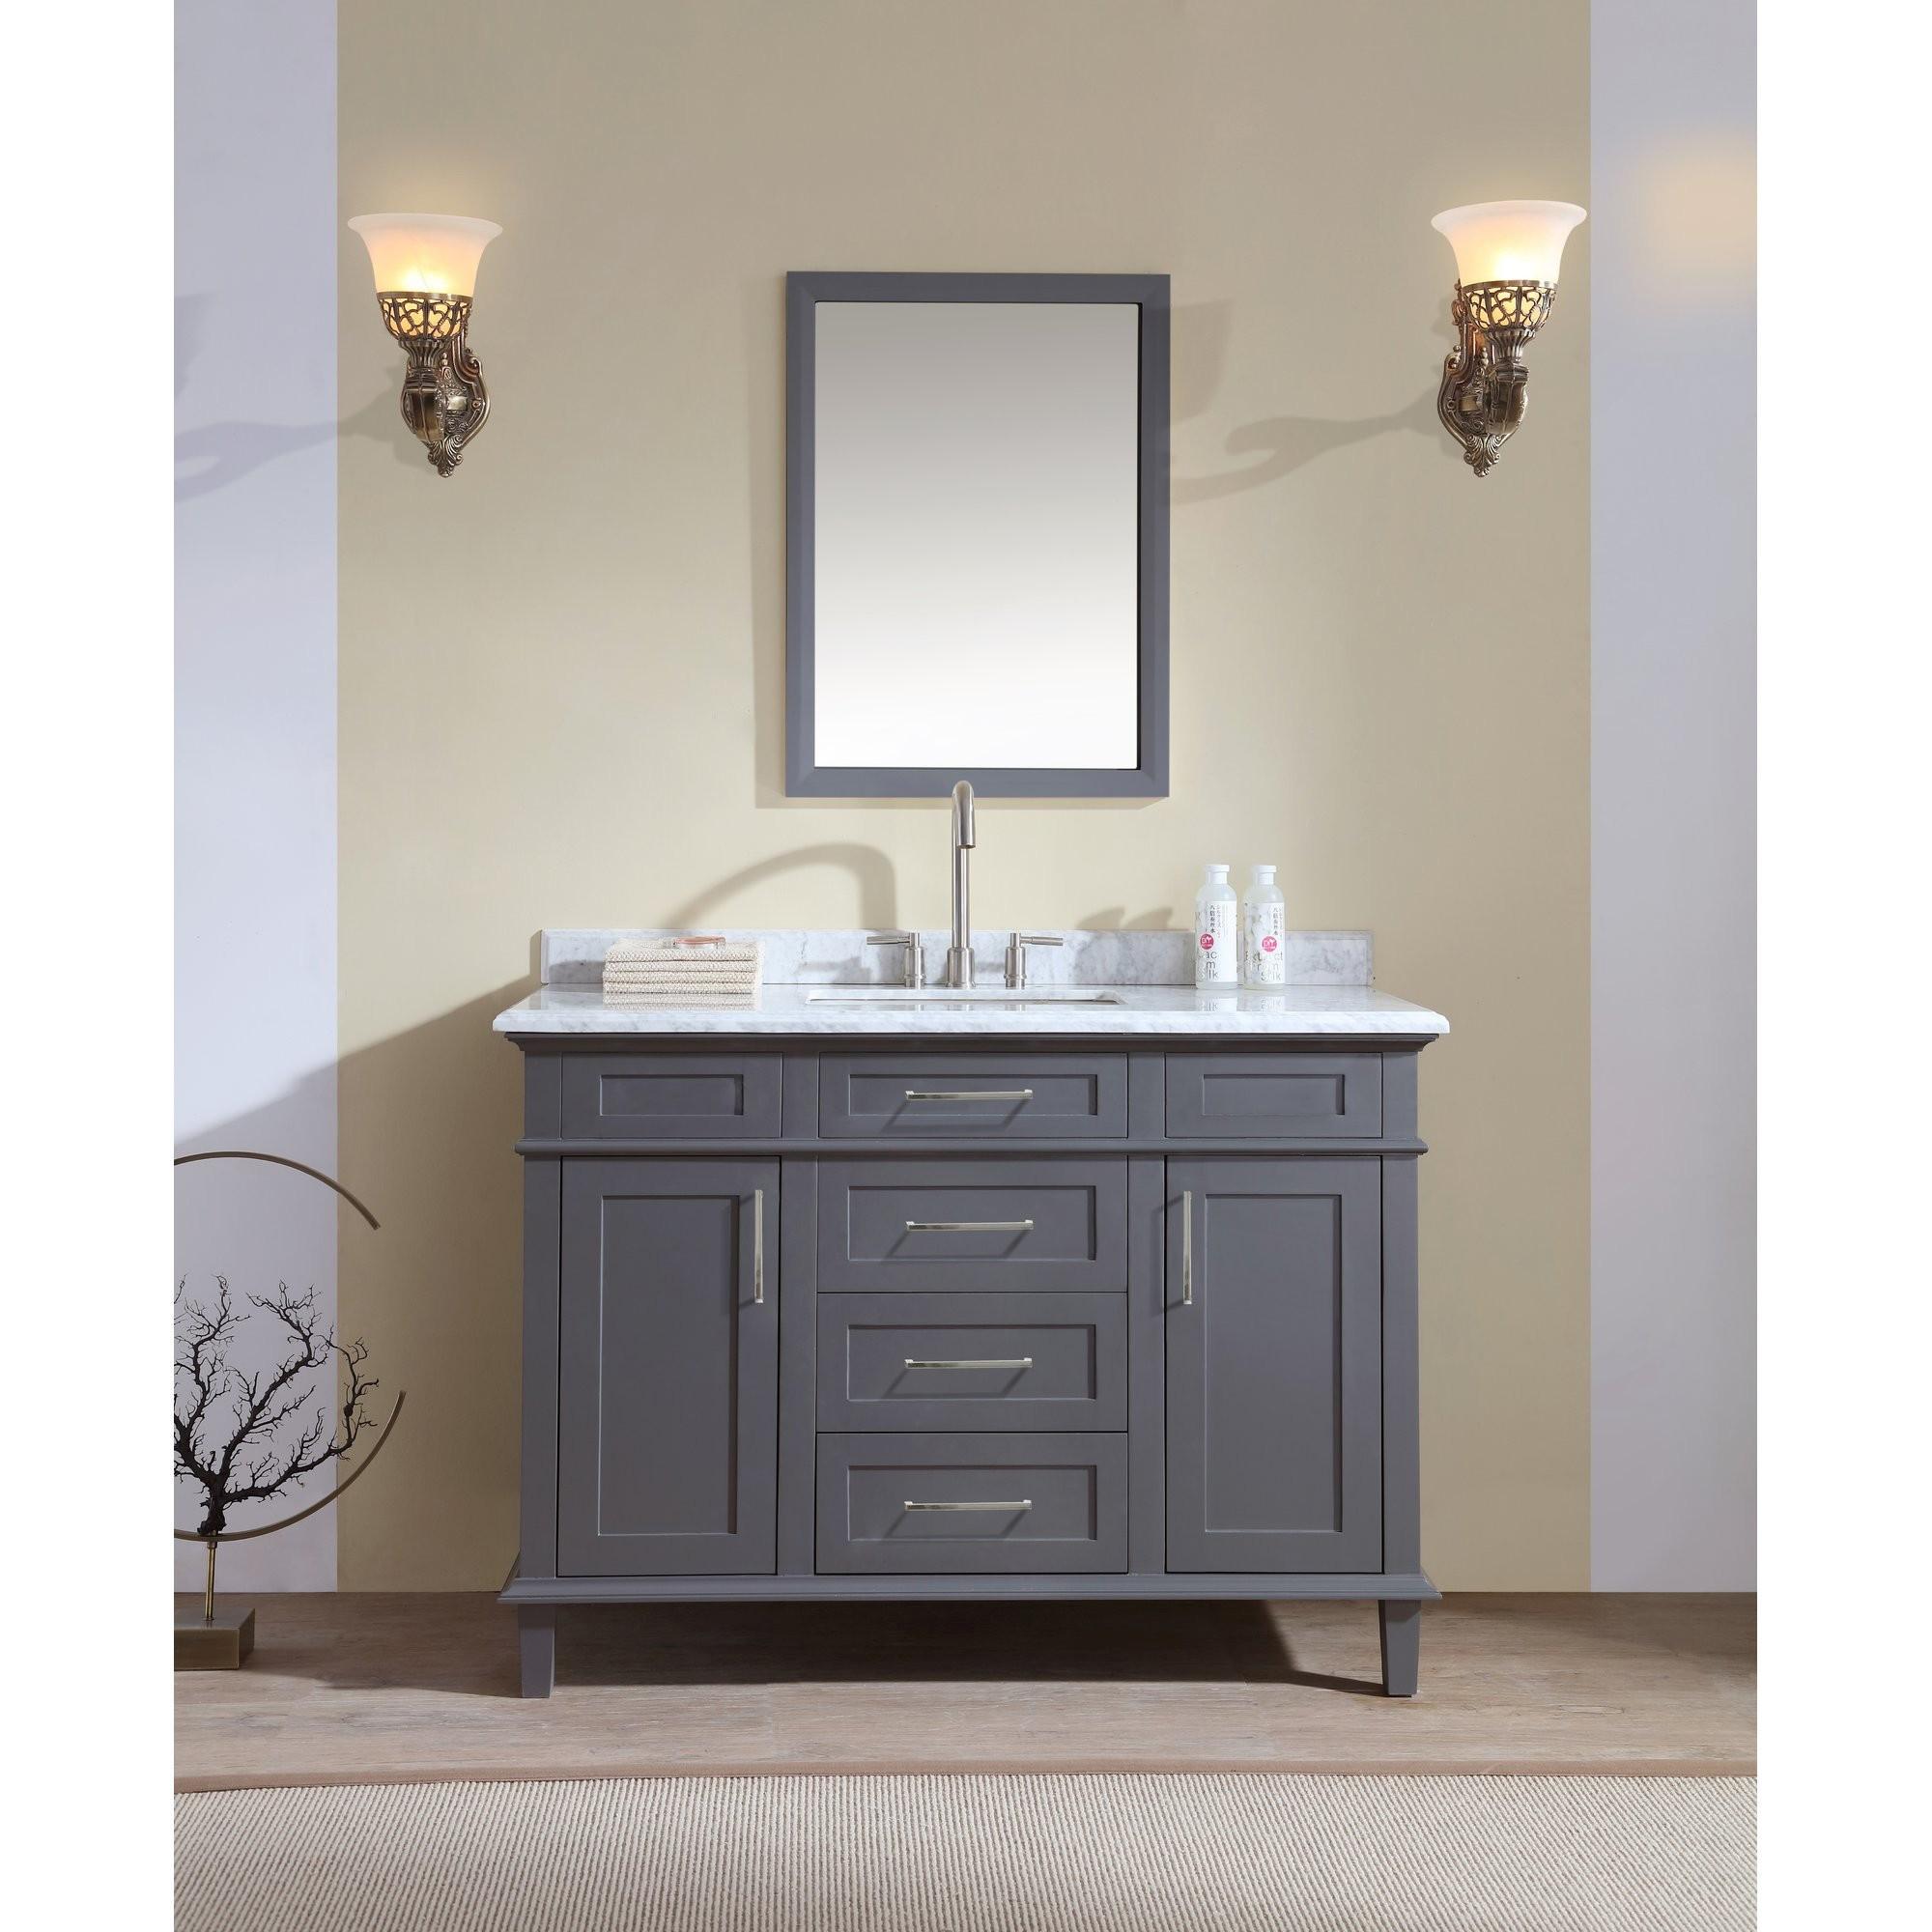 Wayfair Bathroom Accessories Fancy Wayfair Bathroom Accessories Picture